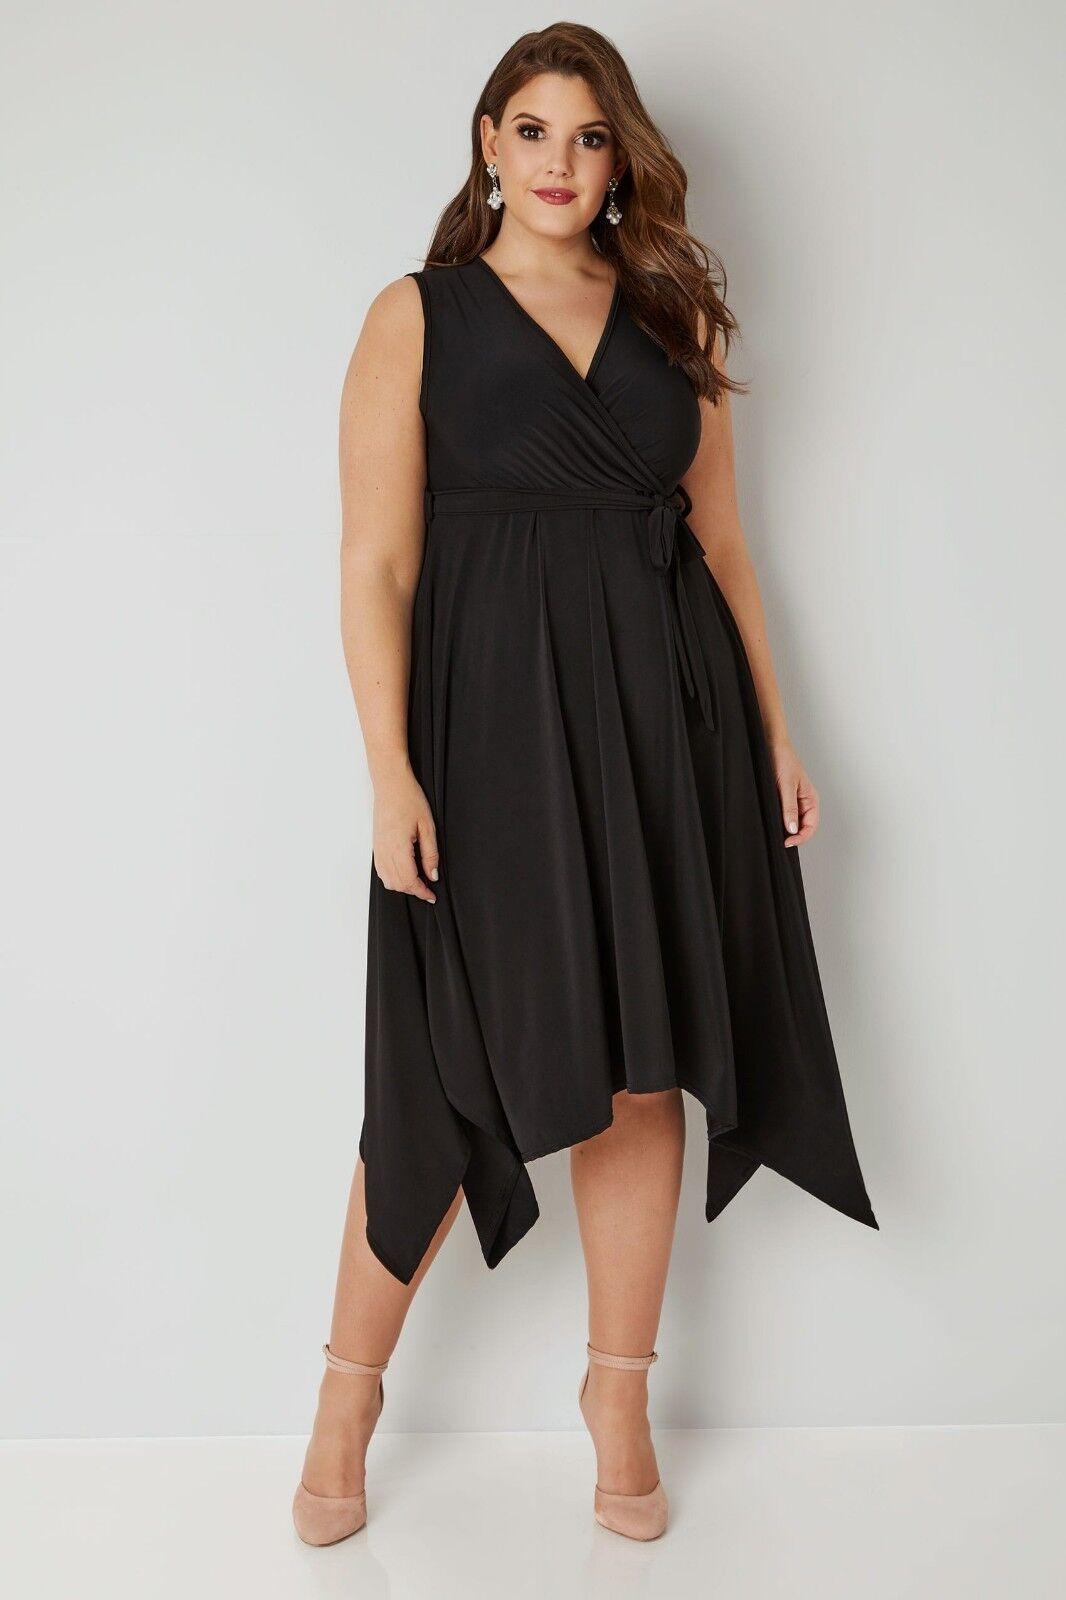 Kleid Gr.52+58 60 Damen Knielang Schwarz Zipfelkleid Stretch Festlich Abendkleid